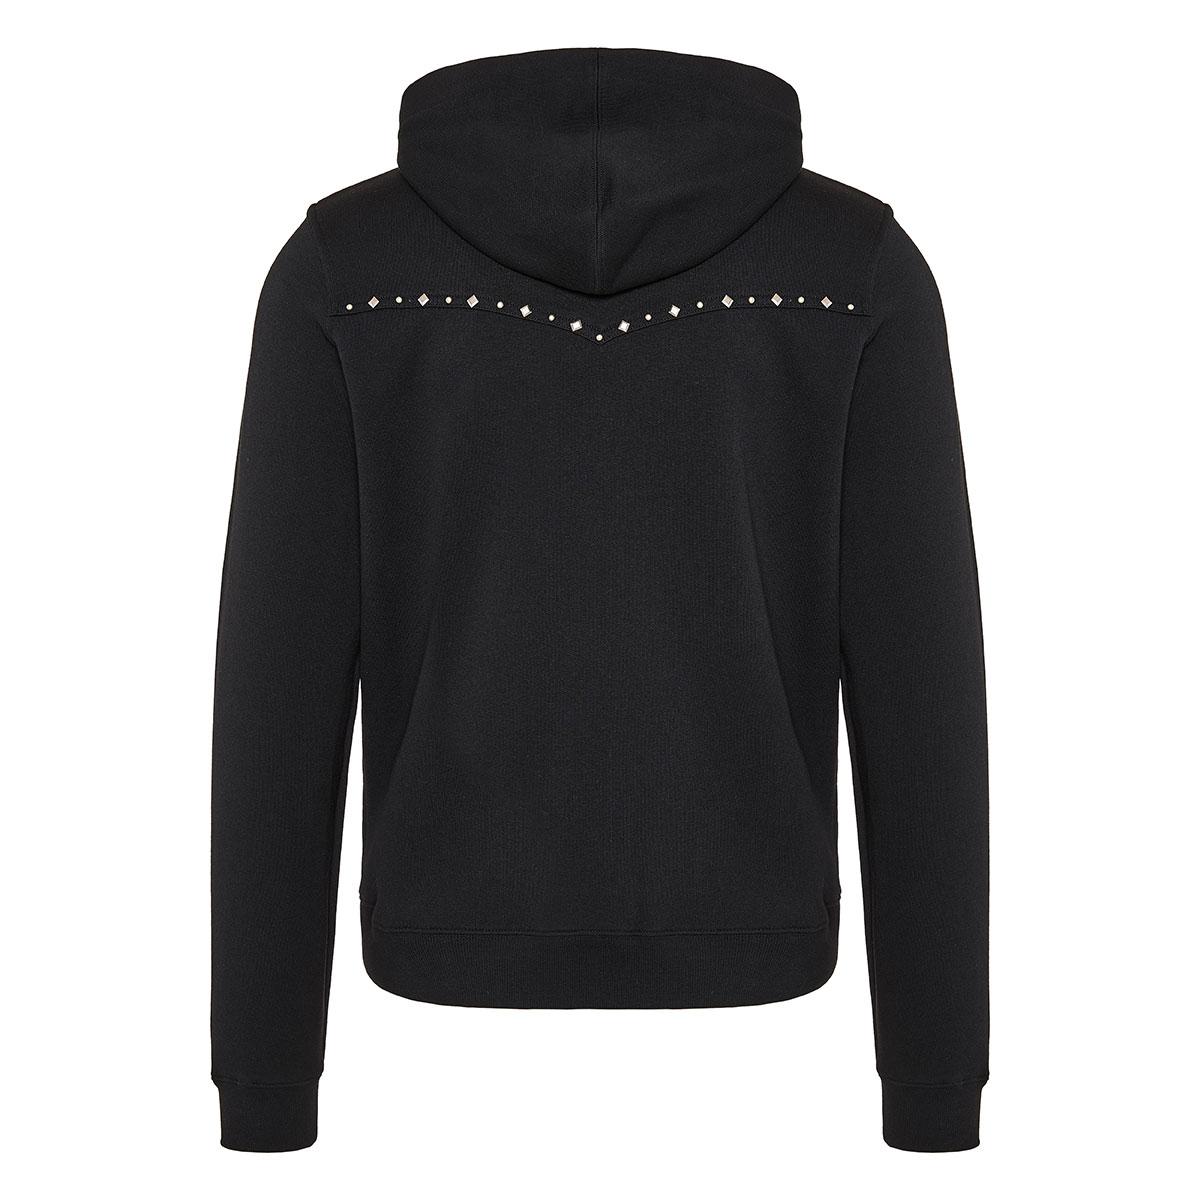 Studded zipper hoodie